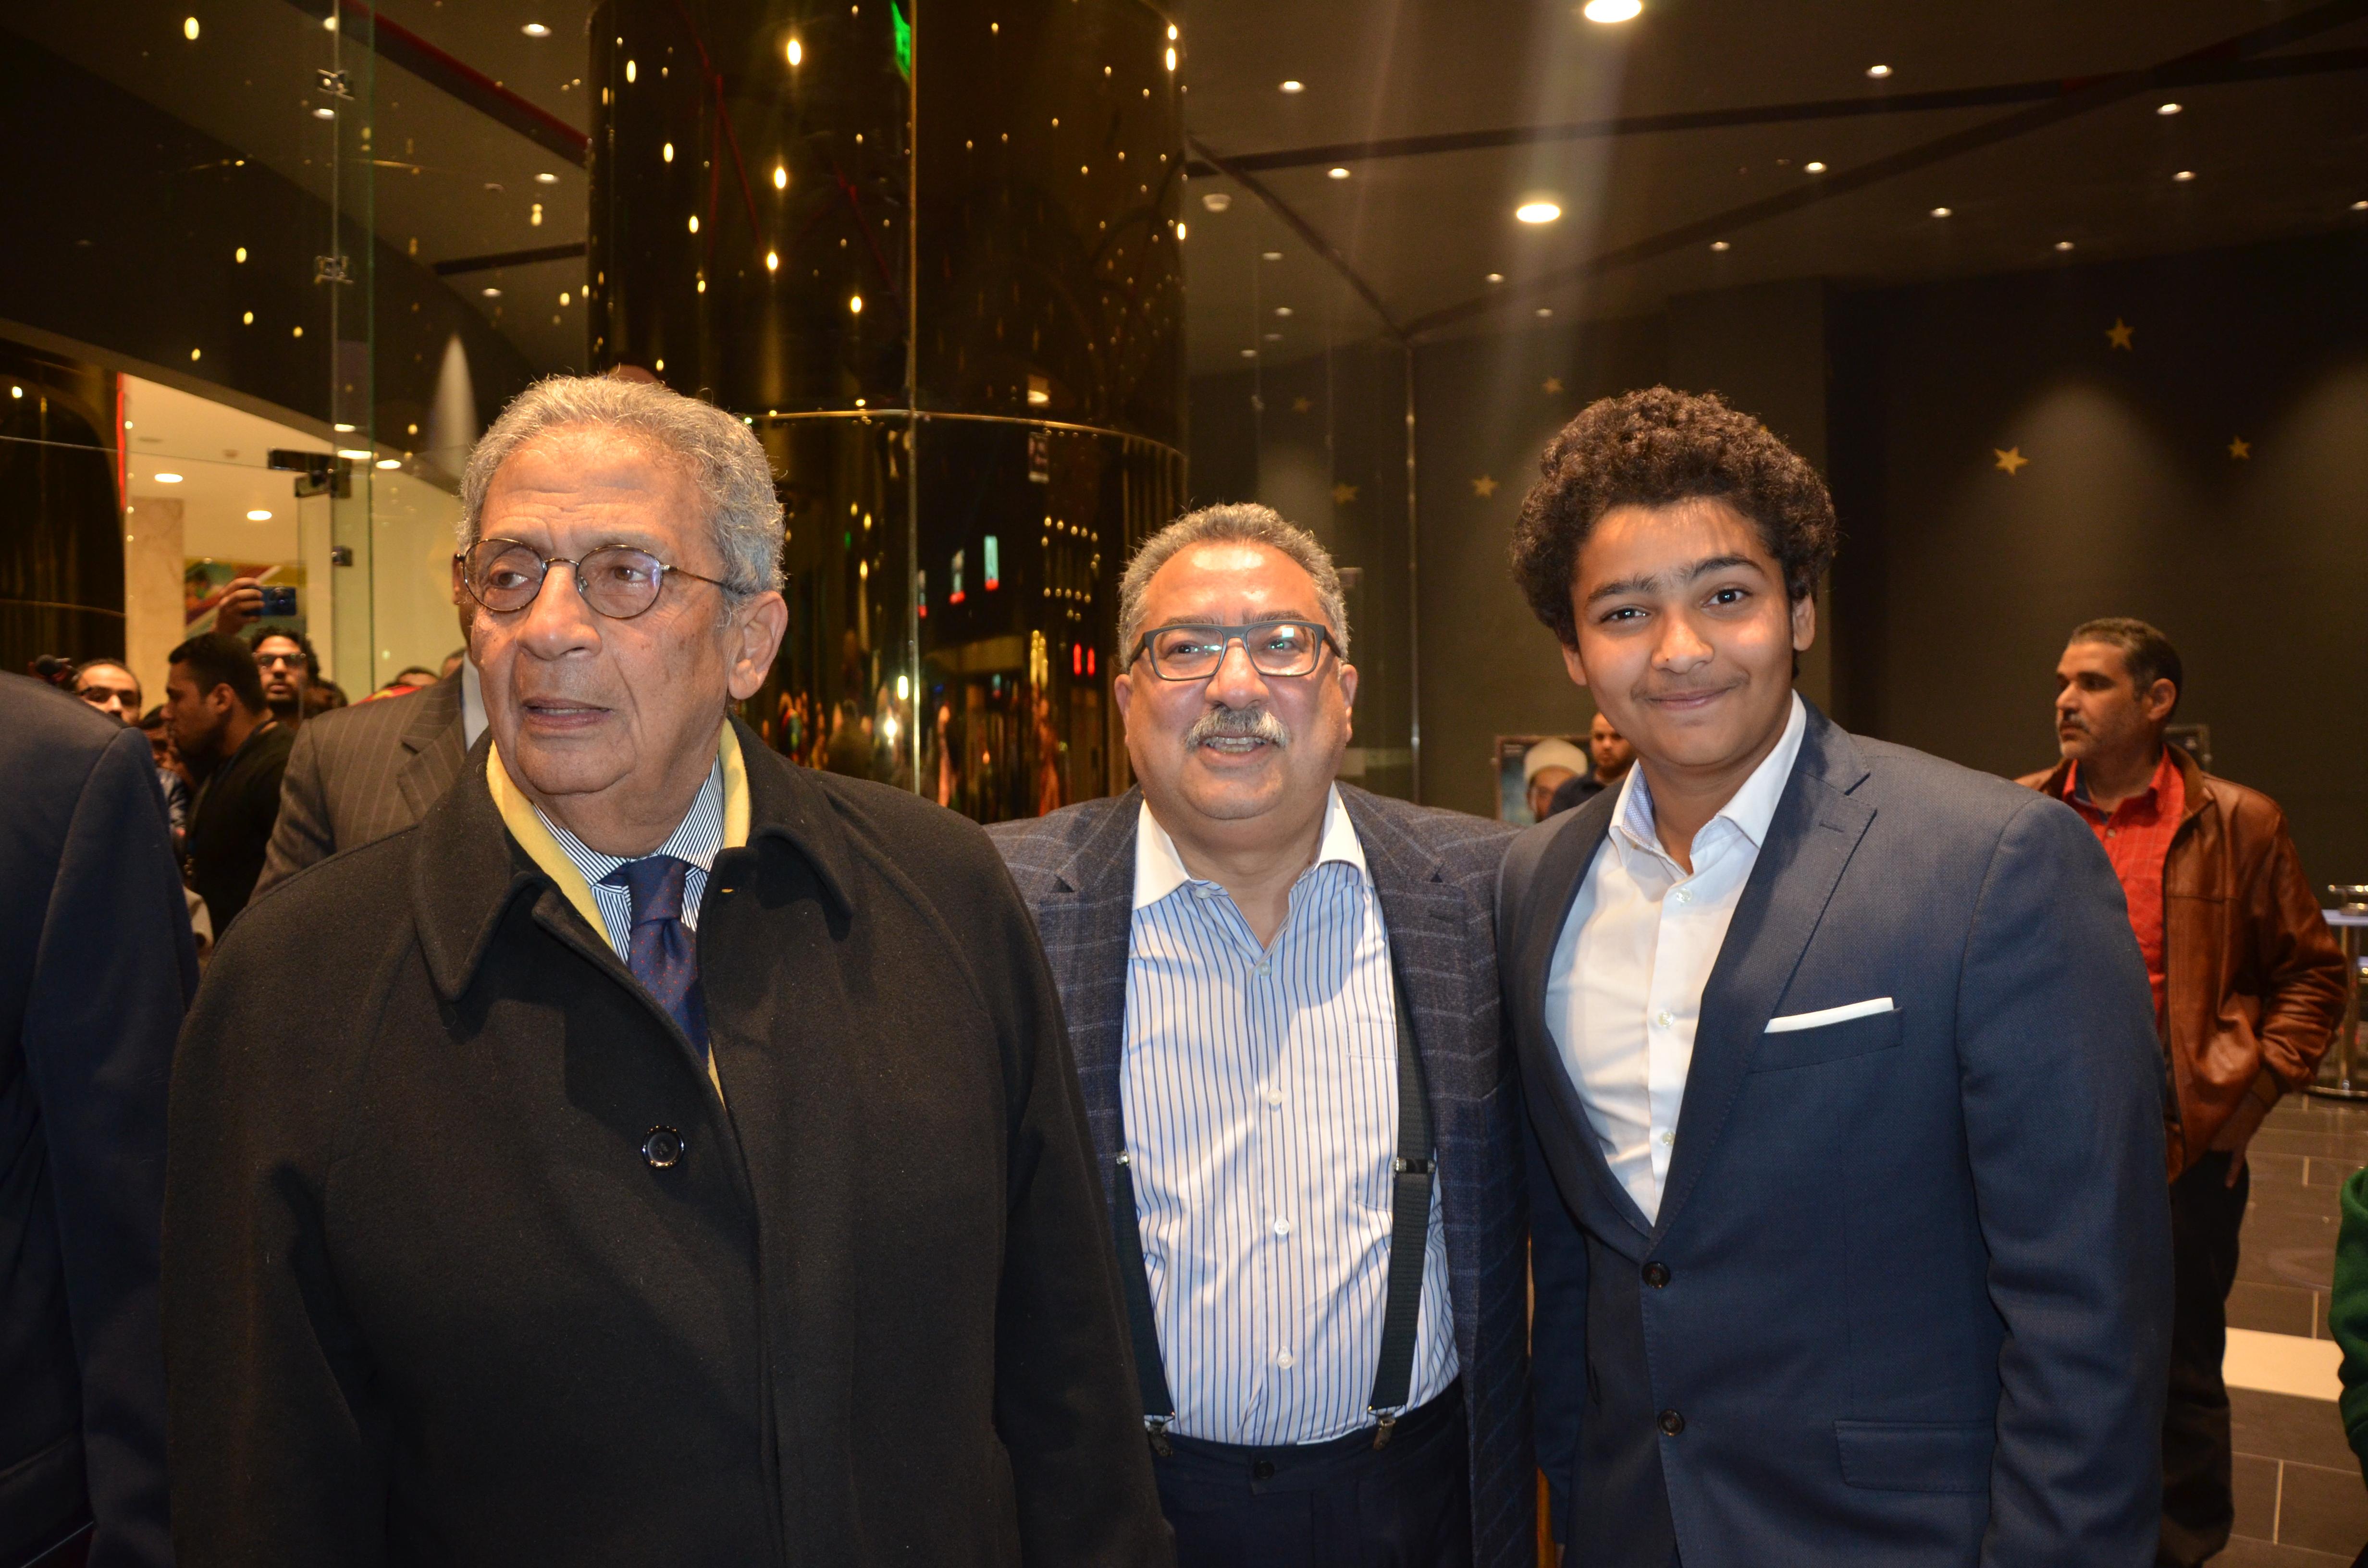 Amr Moussa, Ibrahim Eissa & Yehia Eissa